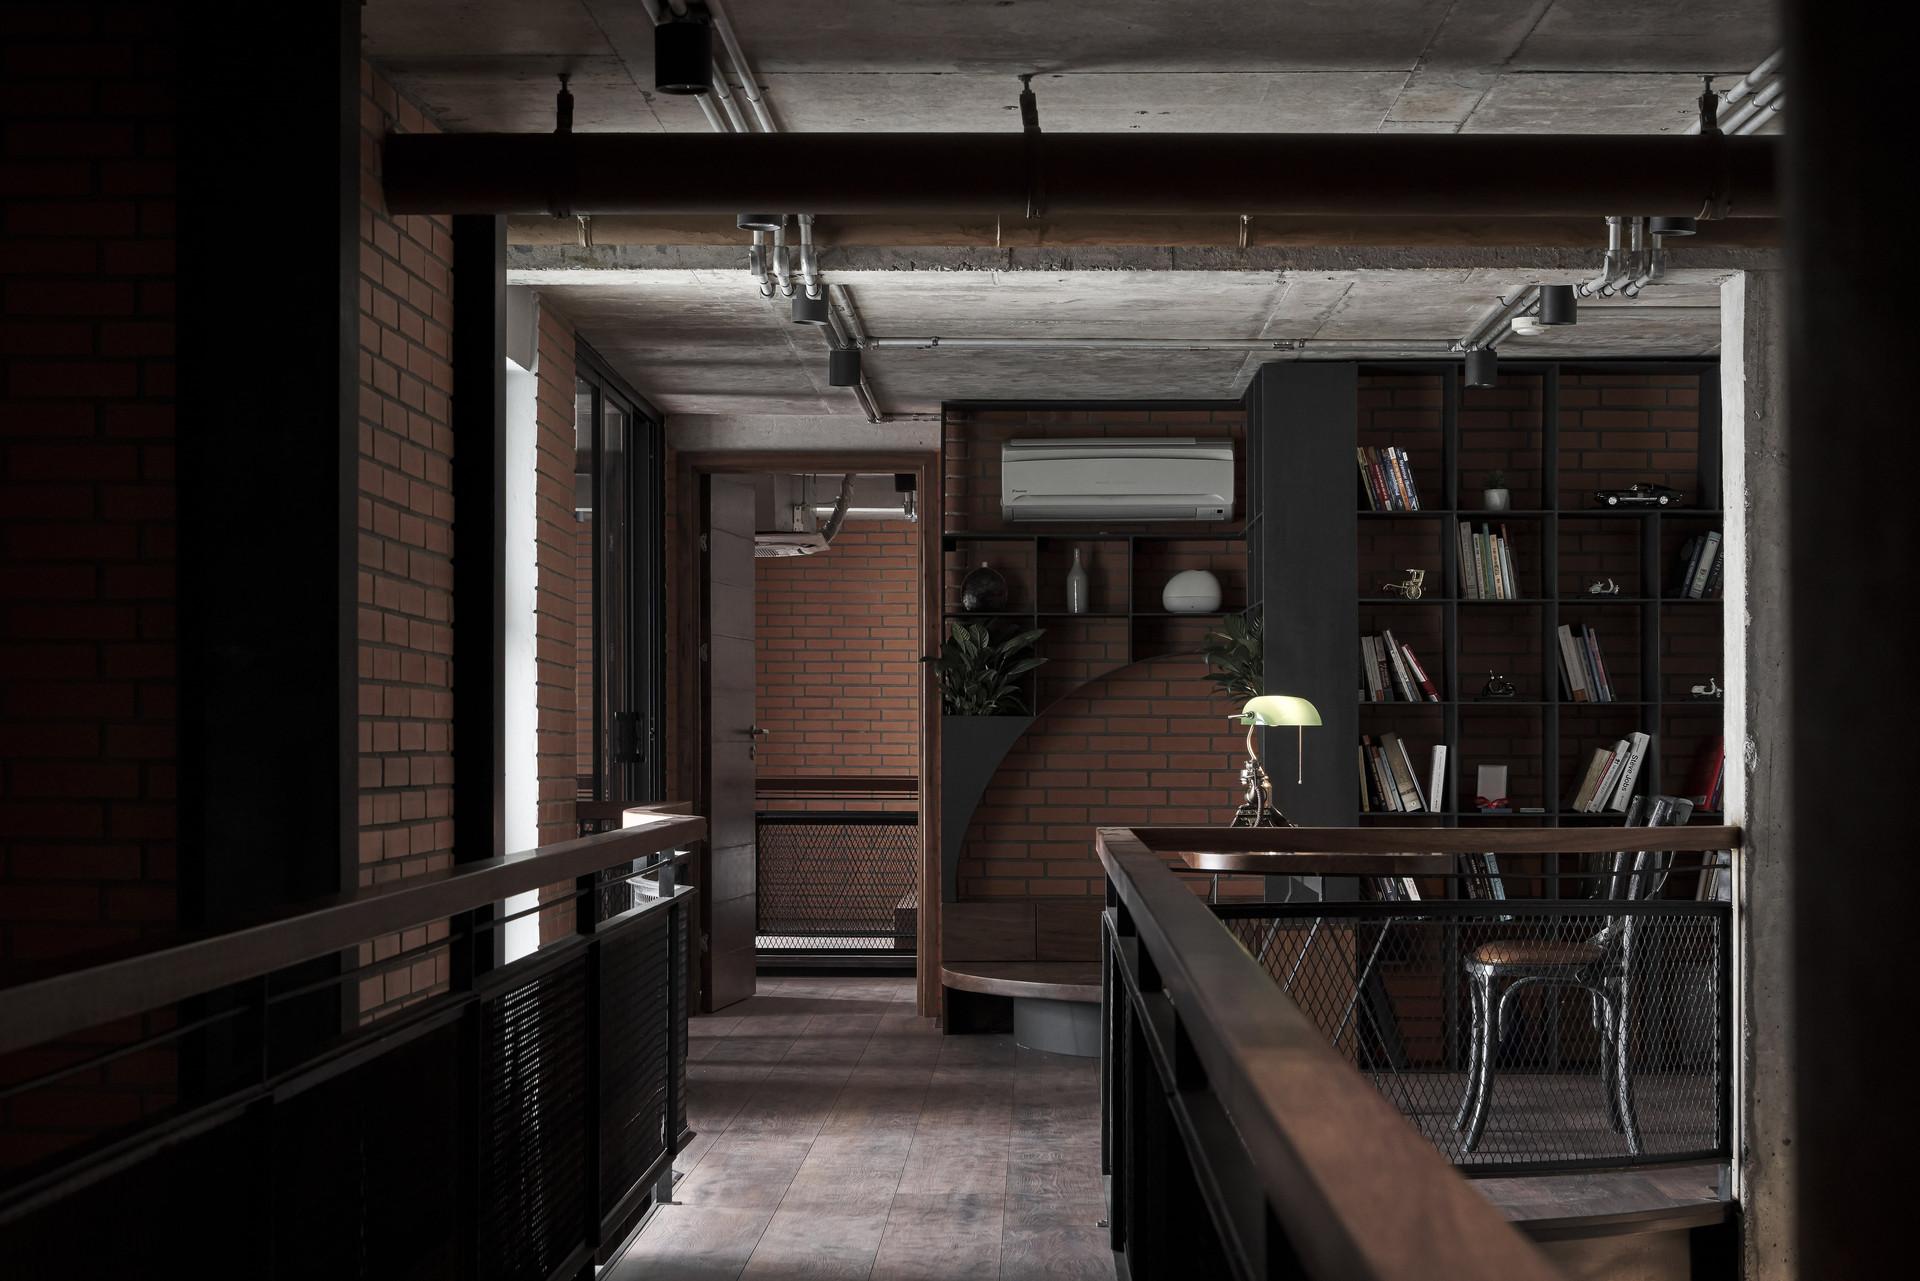 Căn penthouse ven Hà Nội gây choáng với vẻ hầm hố, đậm chất nghệ sĩ - 10